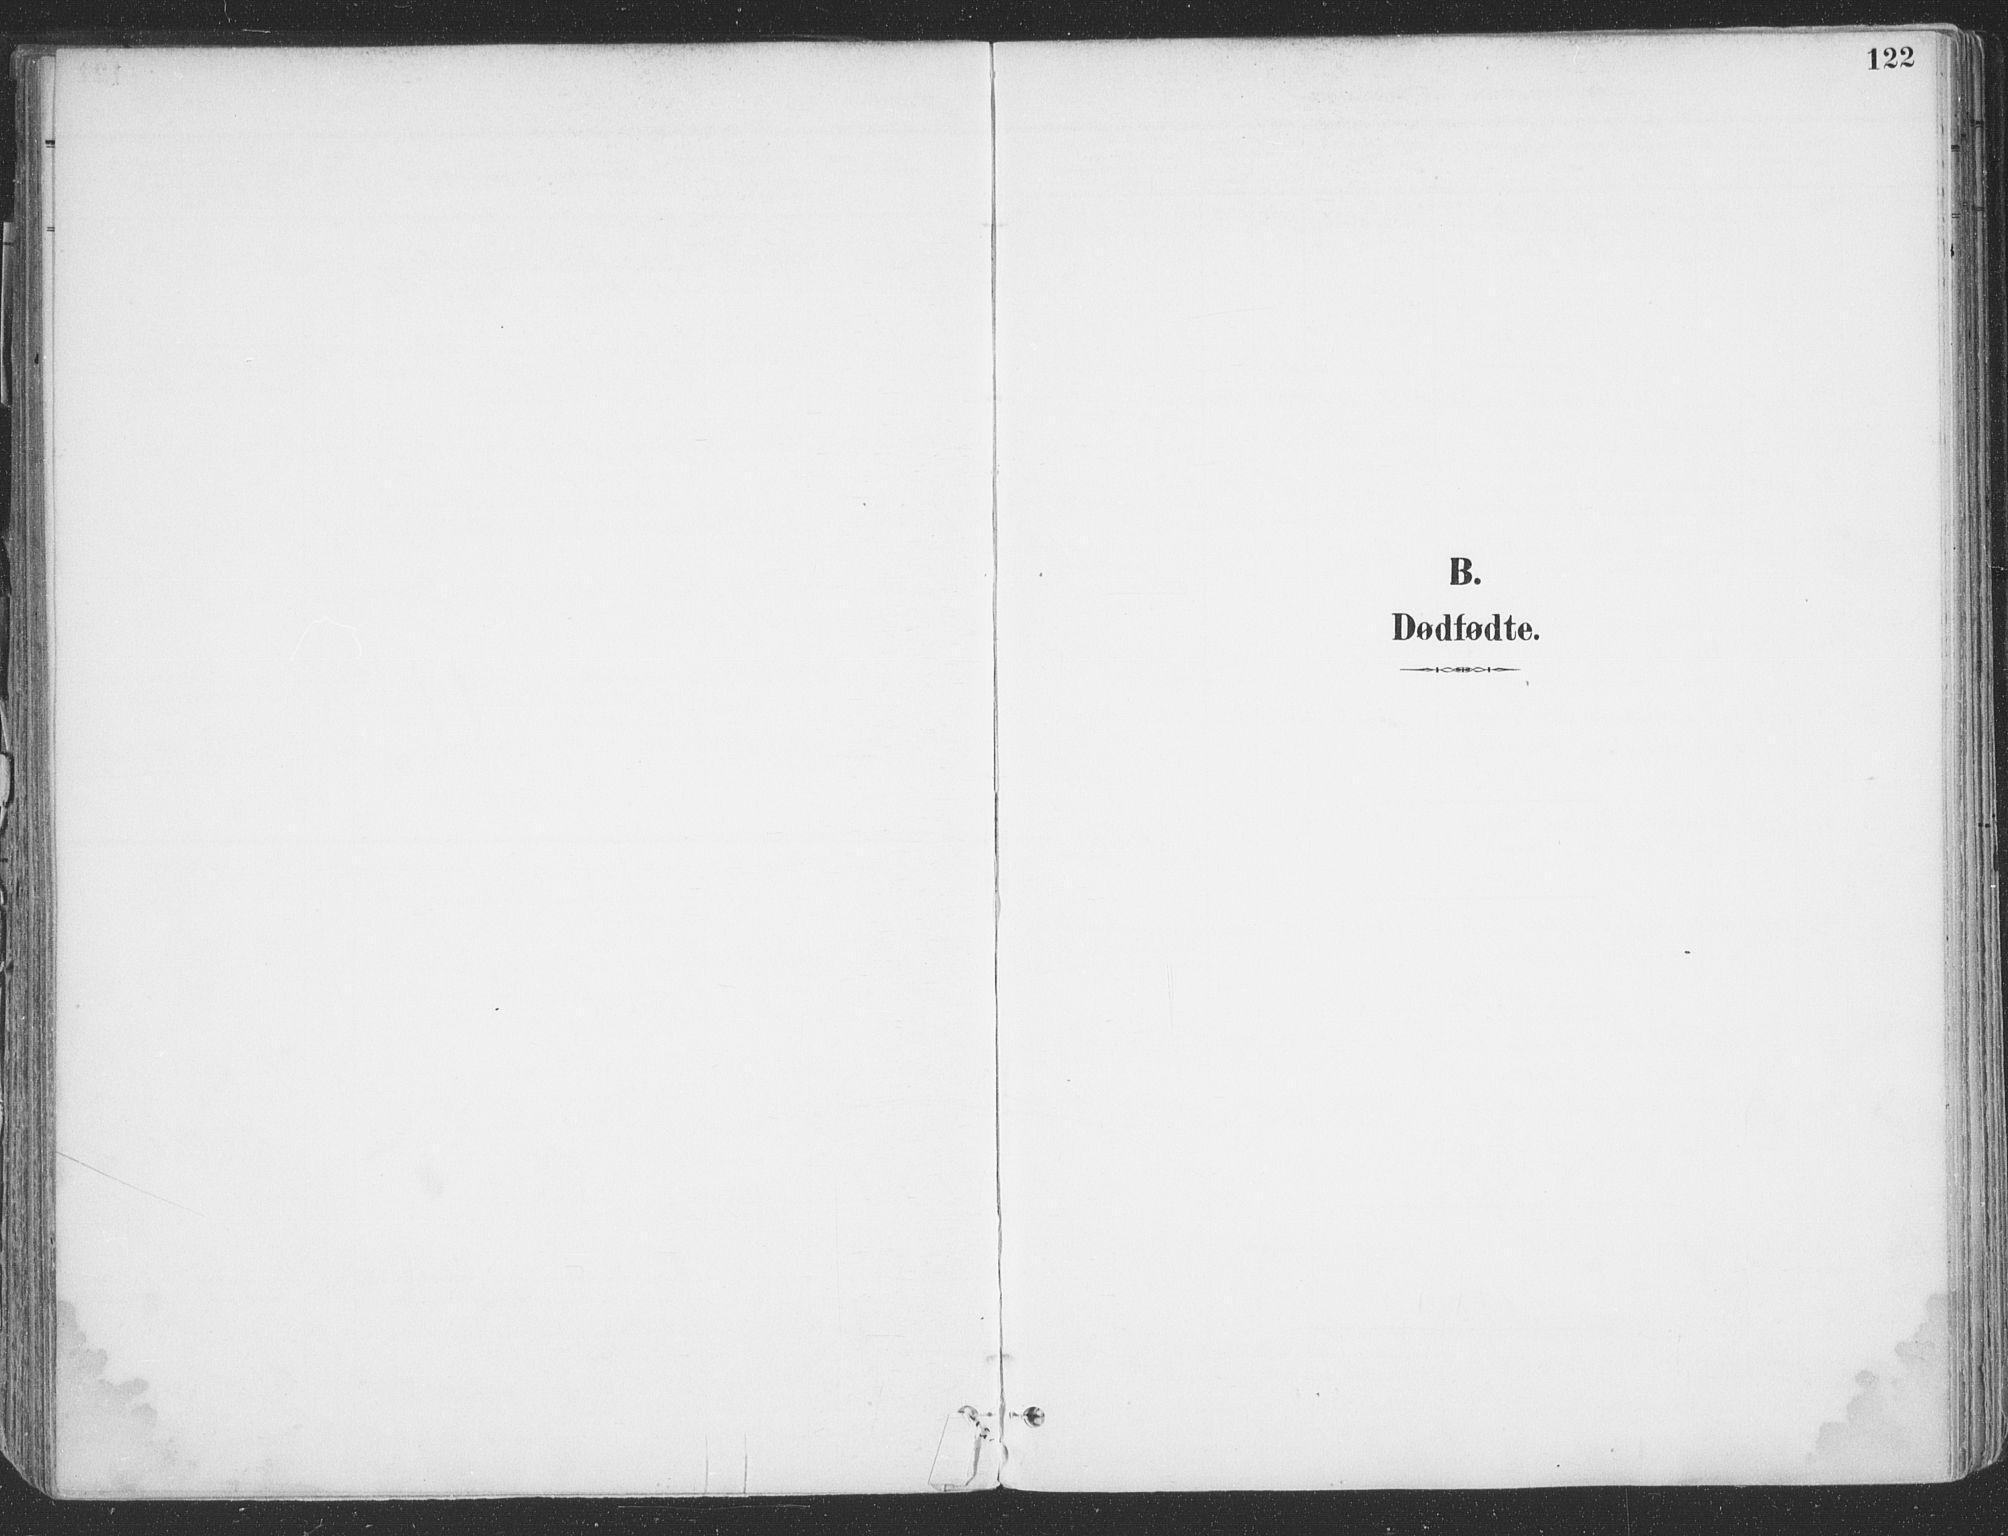 SATØ, Vadsø sokneprestkontor, H/Ha/L0007kirke: Parish register (official) no. 7, 1896-1916, p. 122